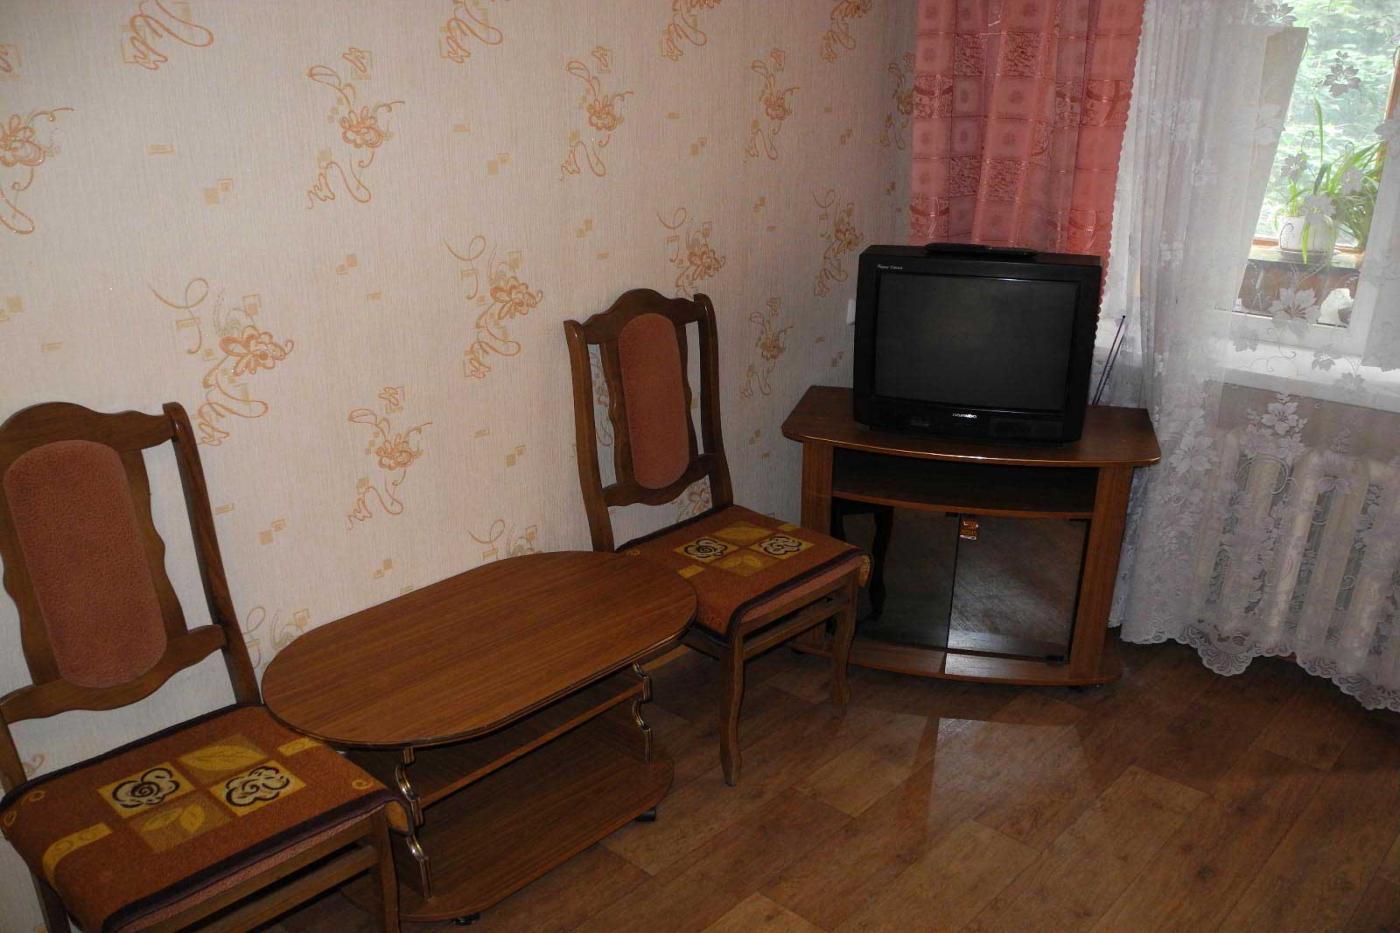 1-комнатная квартира посуточно (вариант № 3858), ул. Кольцовская улица, фото № 4